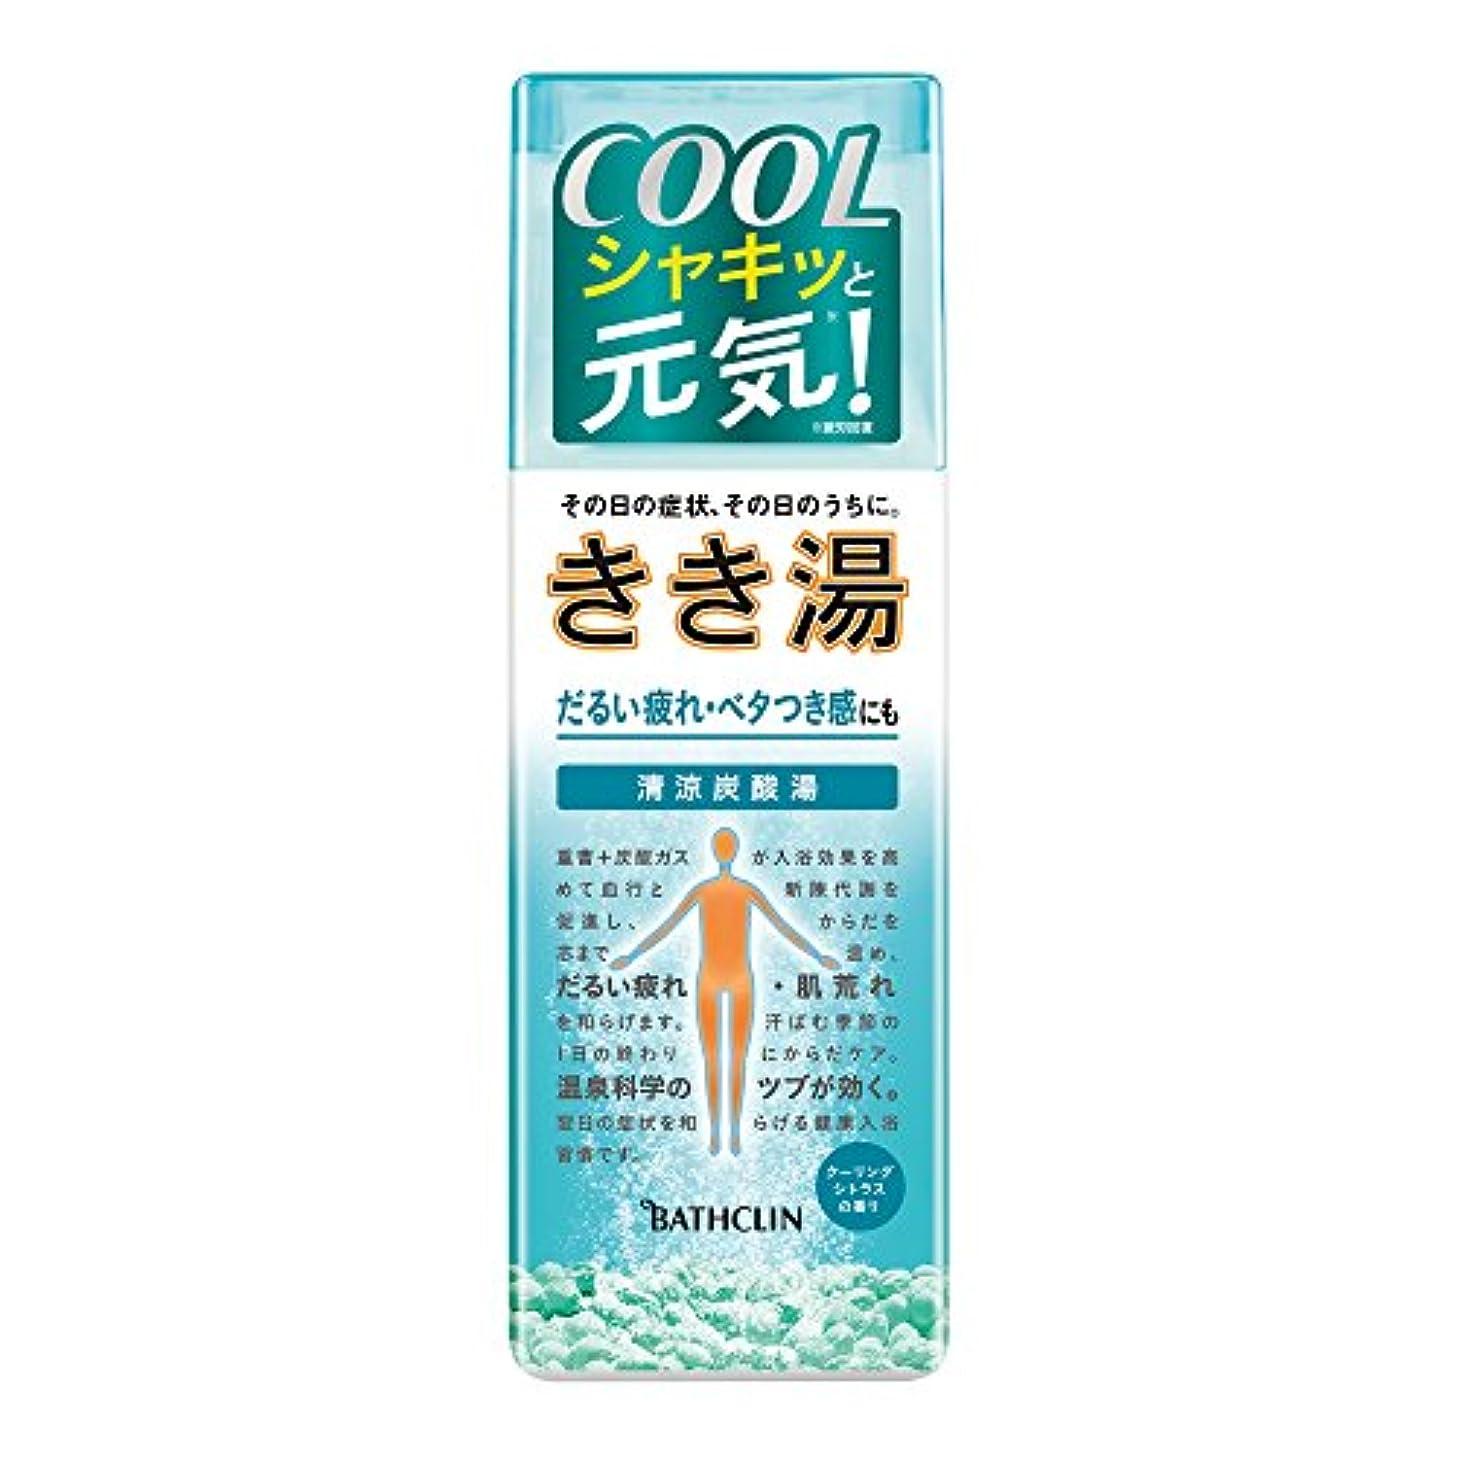 コーデリアアルプス煩わしい【医薬部外品】きき湯清涼炭酸湯クーリングシトラスの香り360gスカイブルーの湯透明タイプ入浴剤